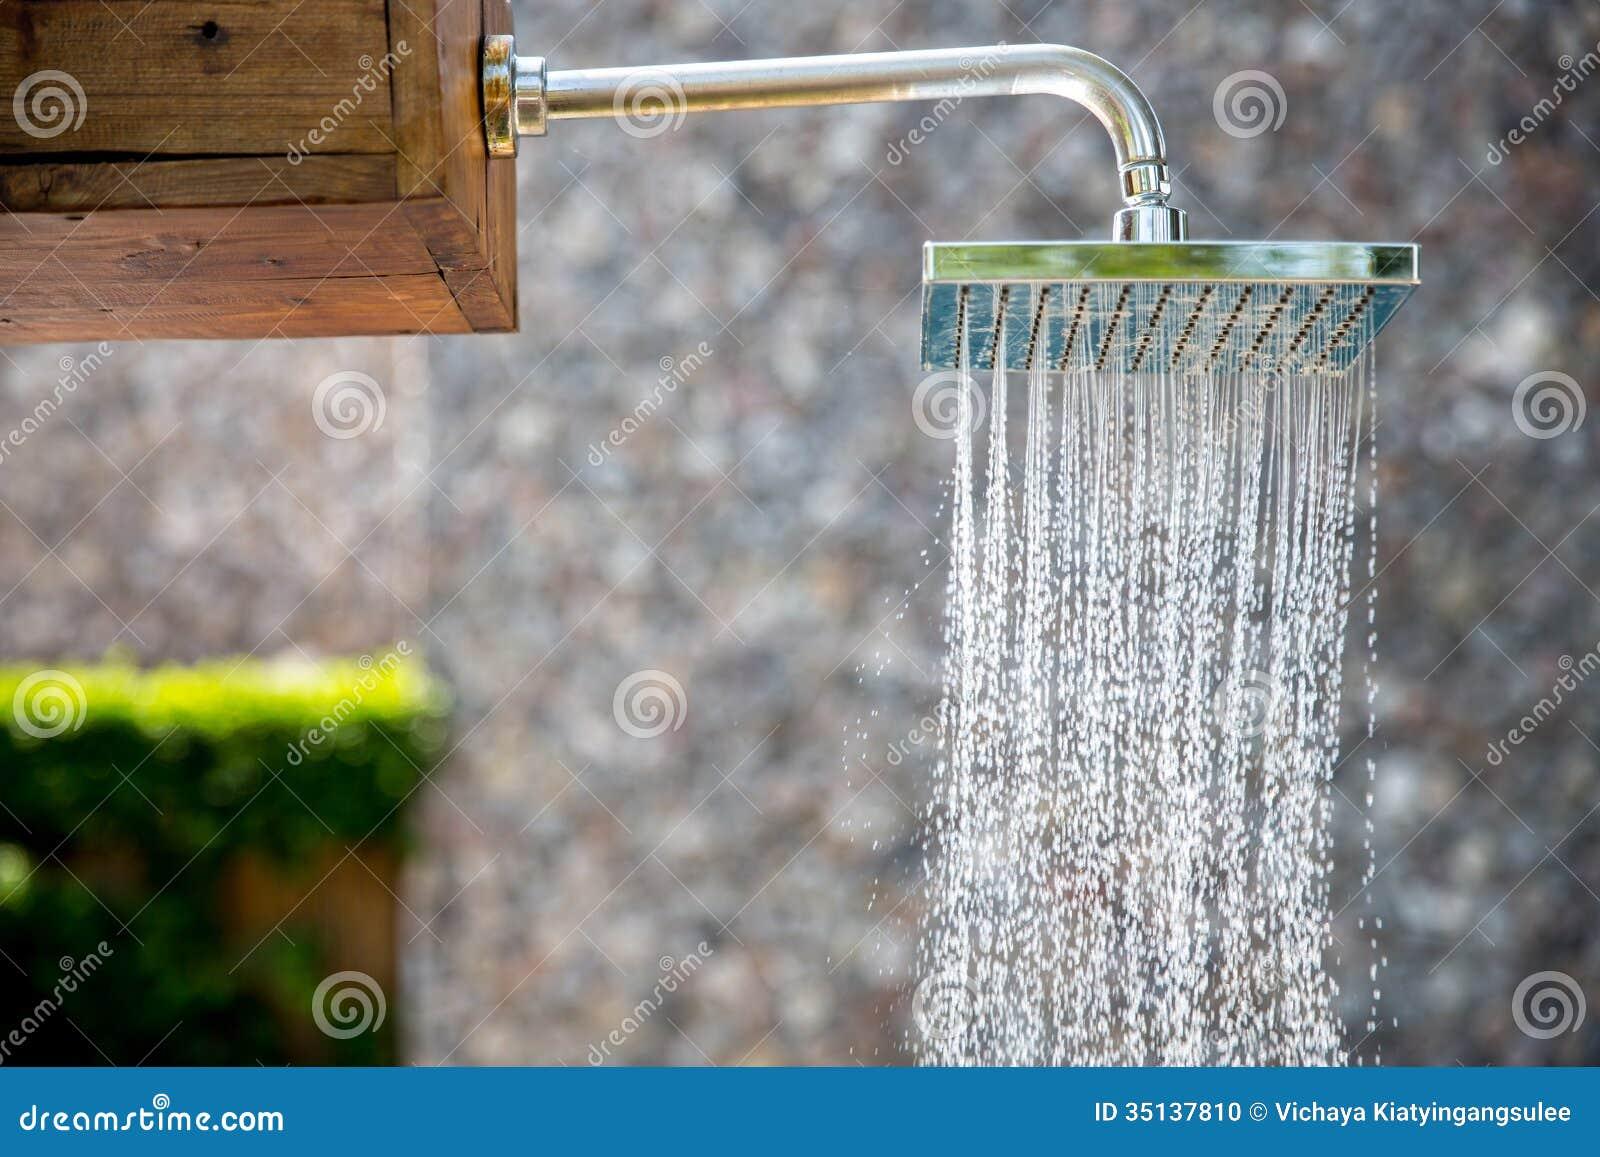 Ducha de lluvia al aire libre foto de archivo imagen de for Ducha lluvia